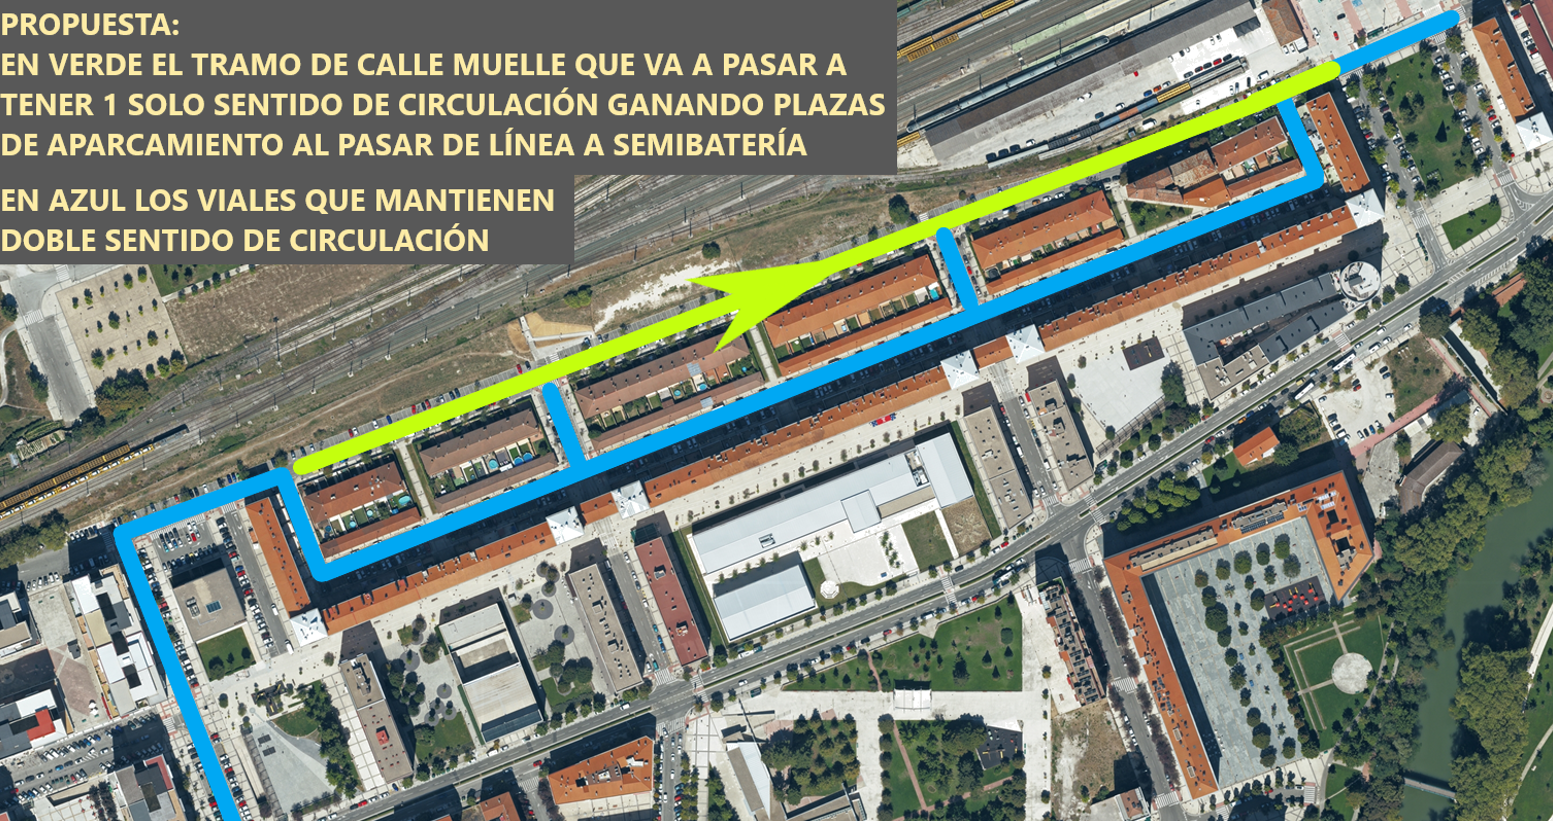 El tramo de la calle del Muelle, paralelo a la calle El Irati, se convertirá en vía de un único sentido de circulación